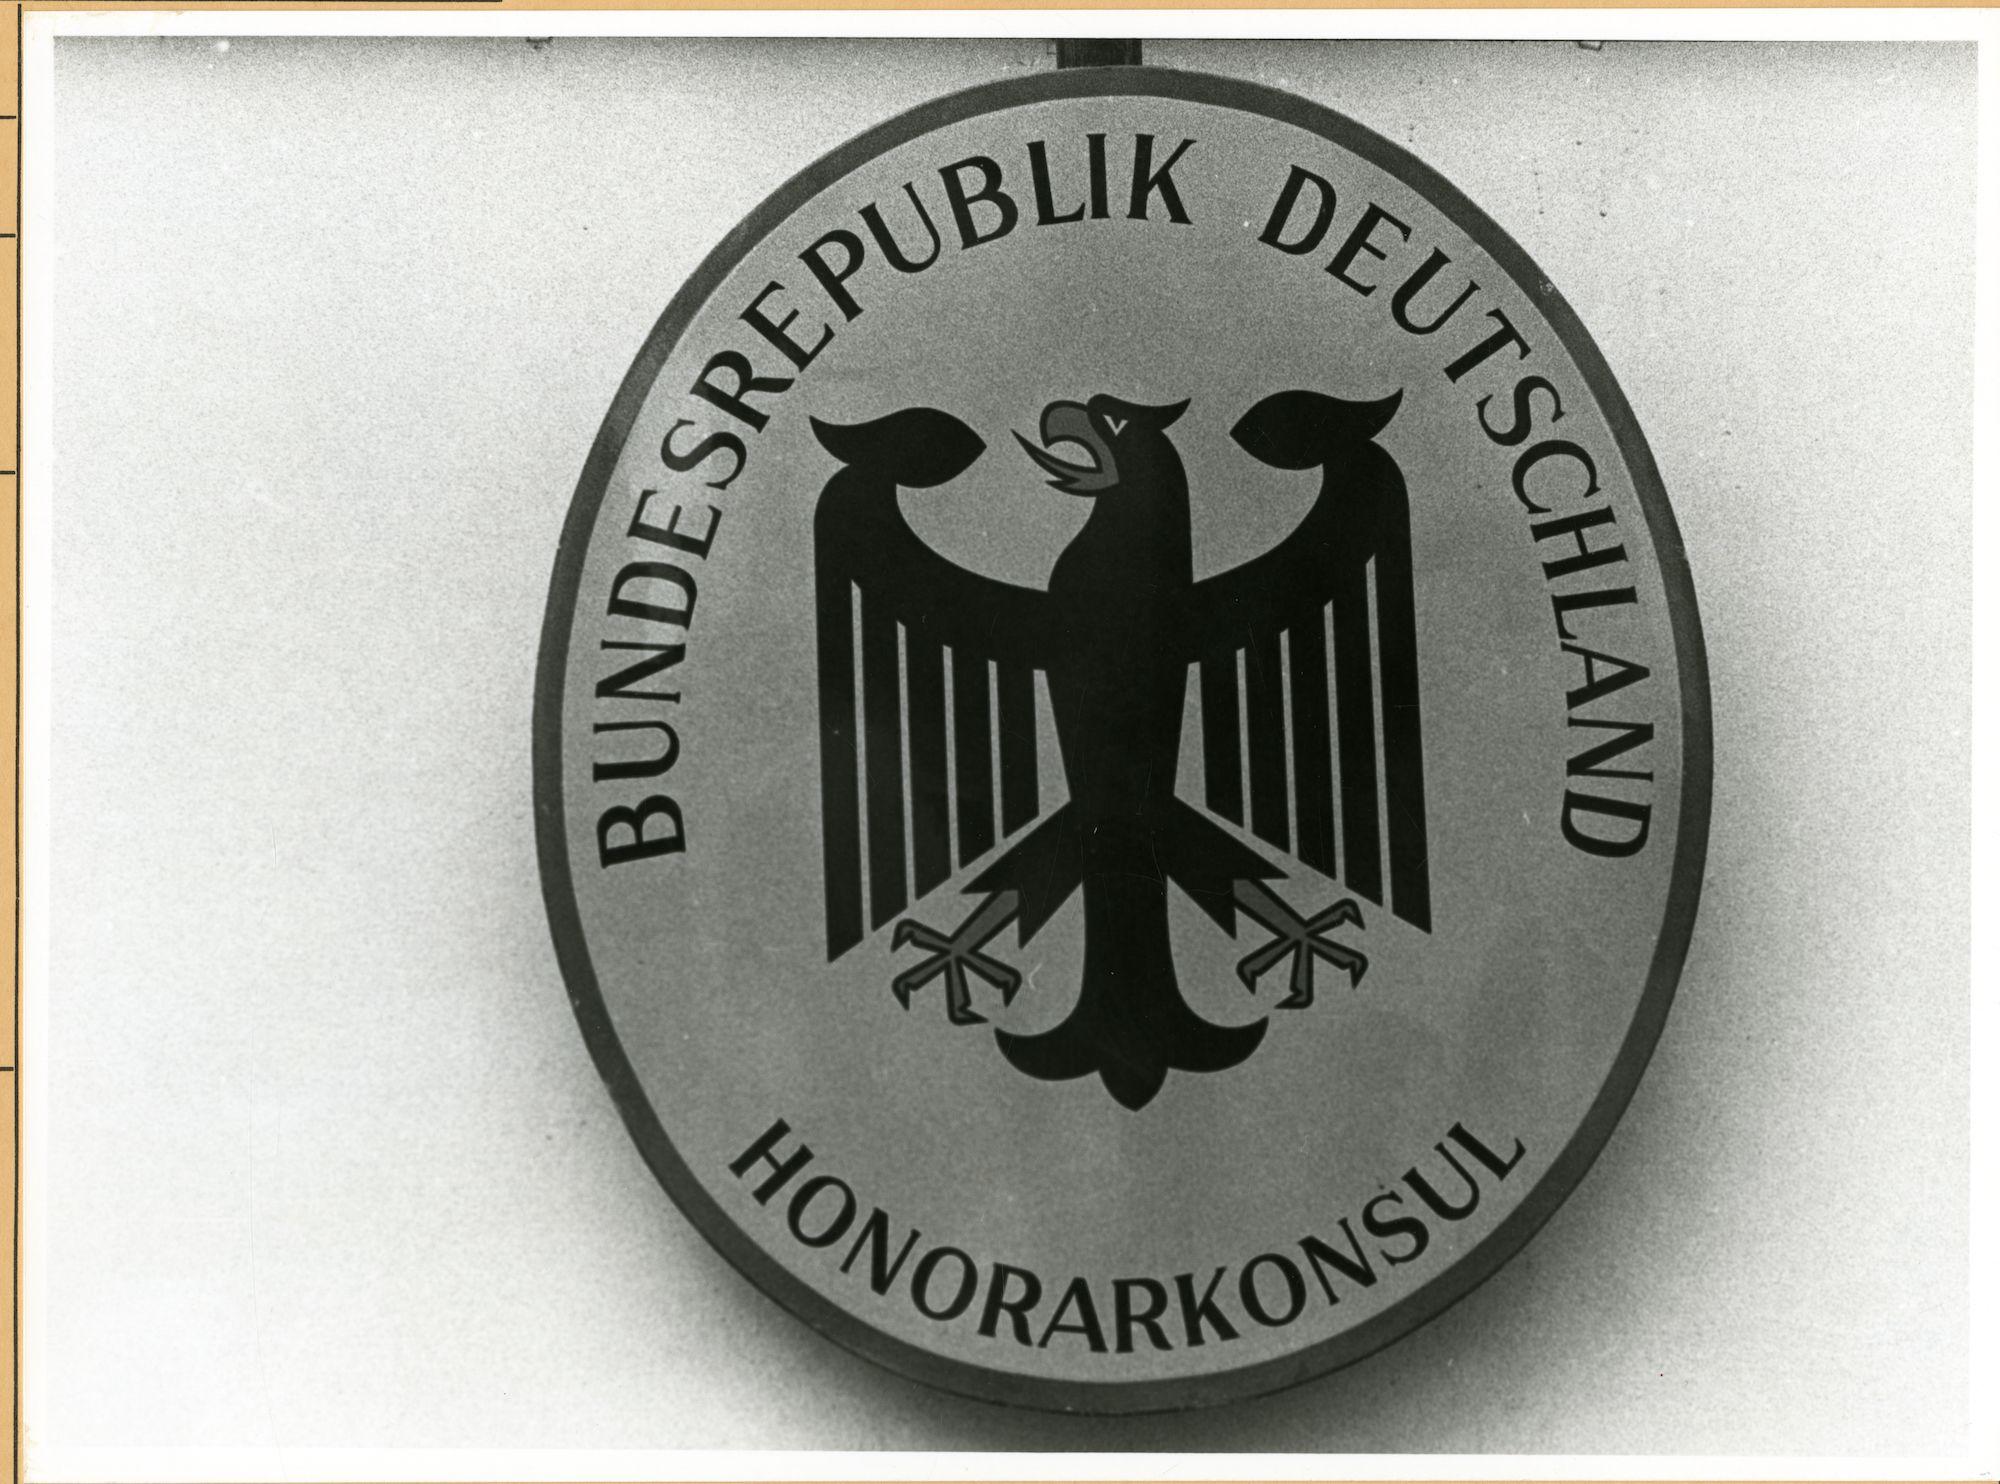 Gent: Doornzelestraat 82: uithangbord: Duits consulaat